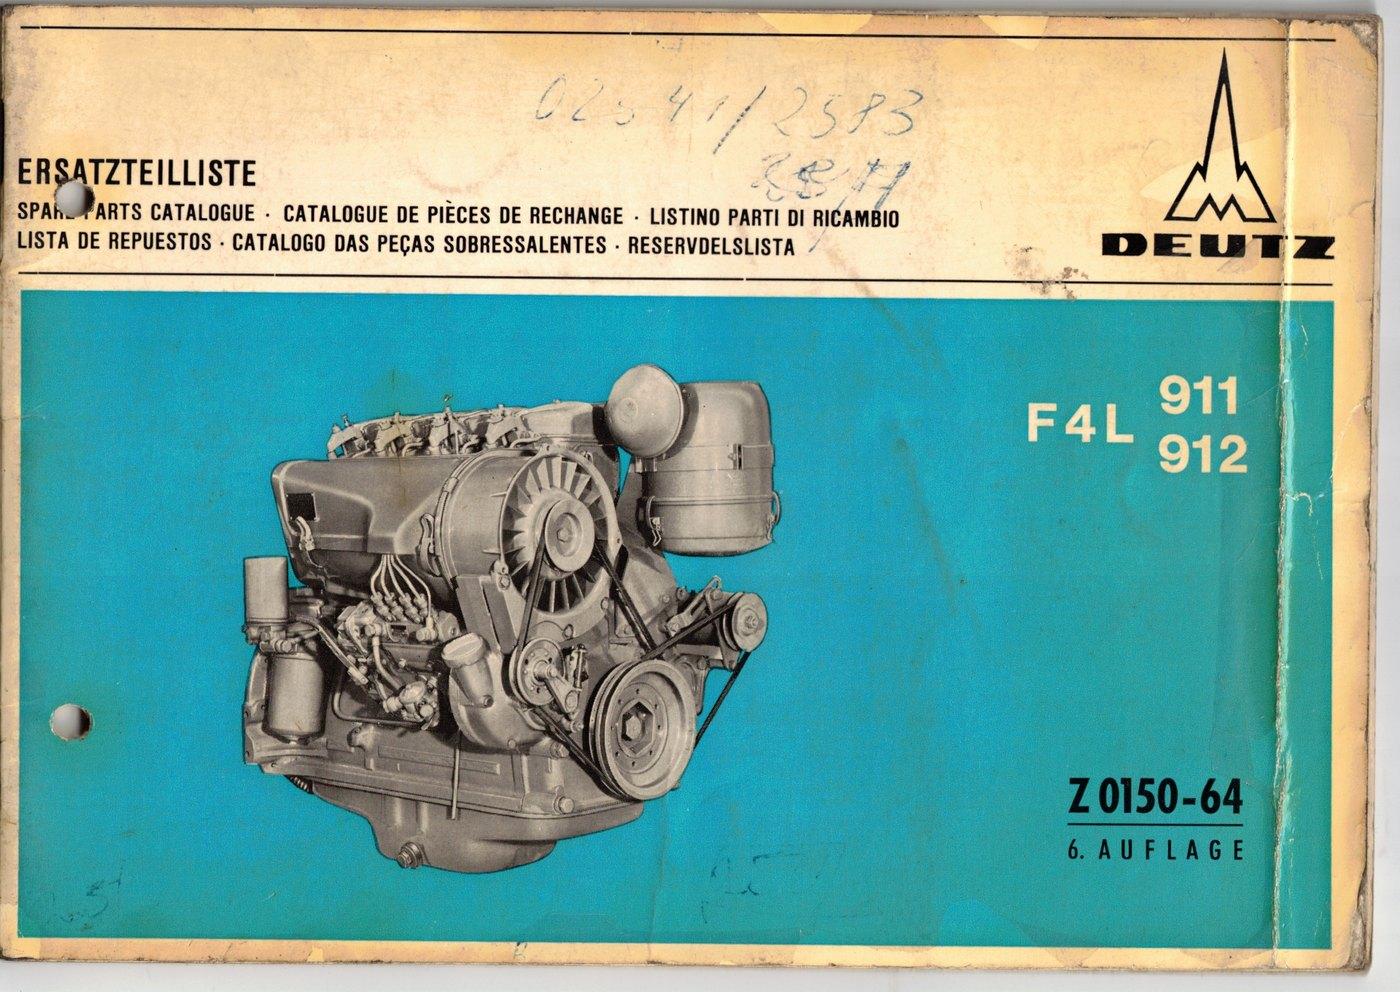 Ersatzteilliste Deutz F4L 911 - 912